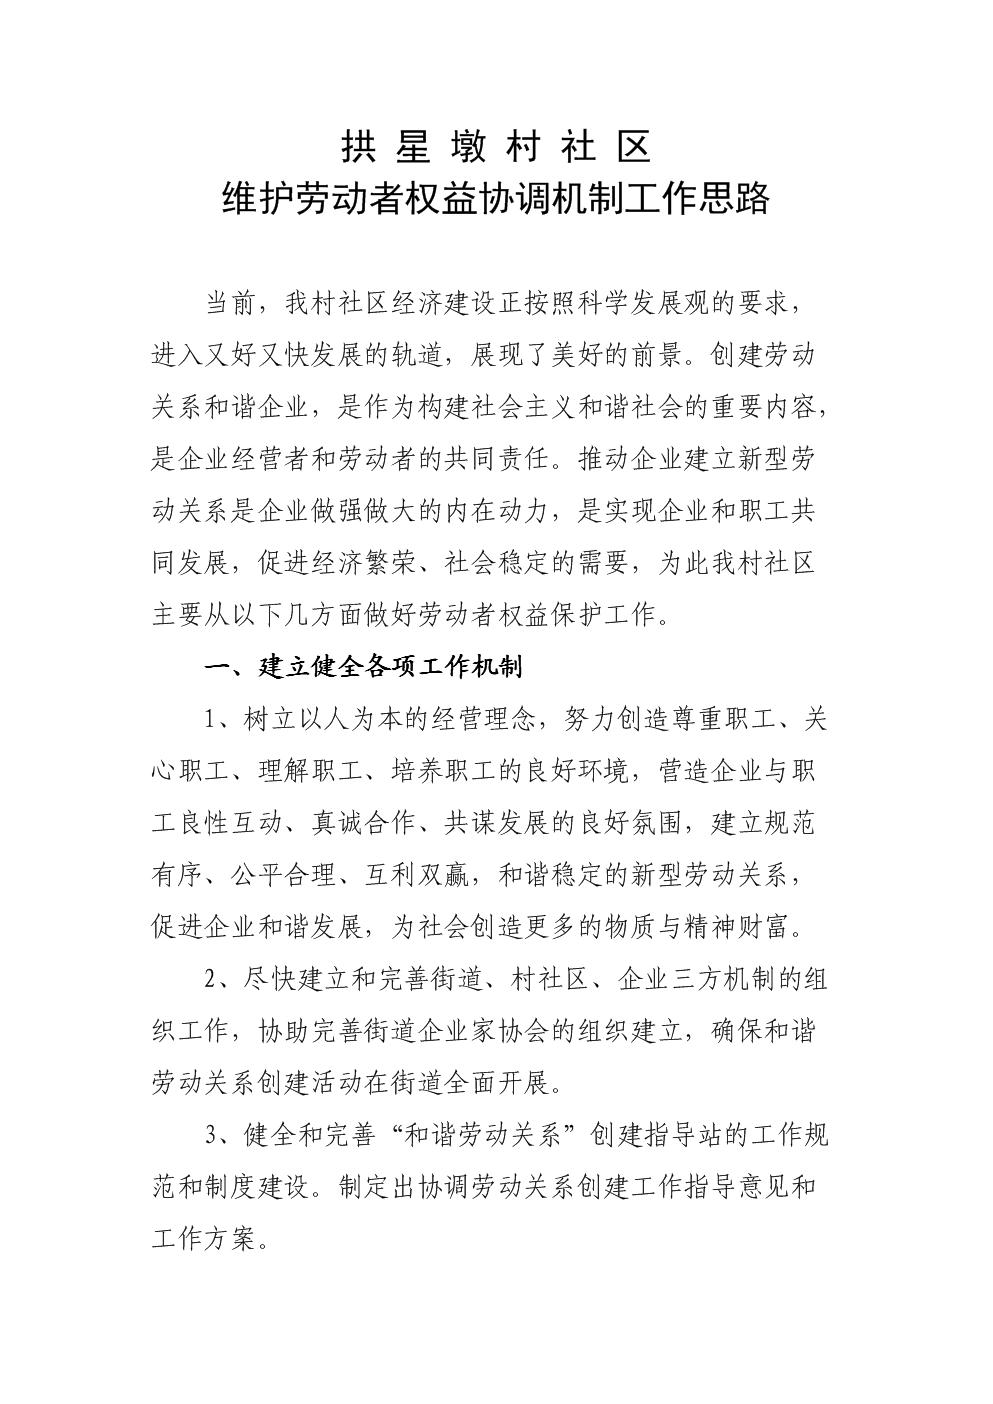 维护劳动者权益协调机制工作思路3121.doc